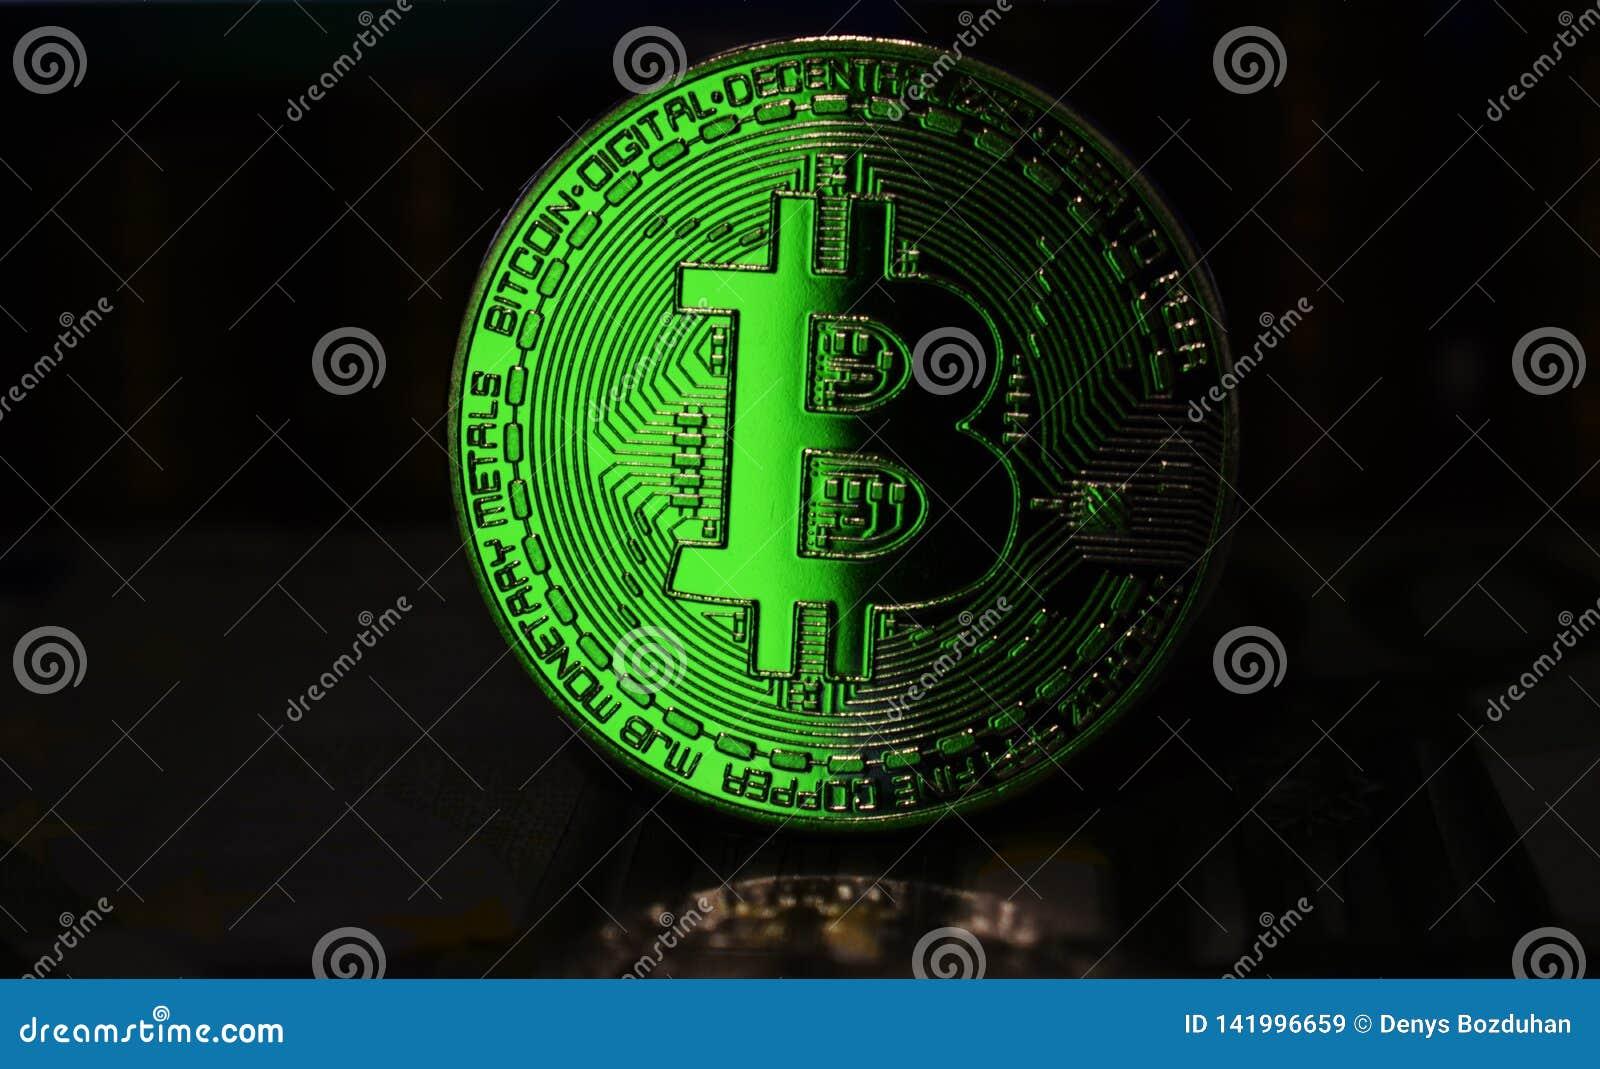 Didžiosios kriptovaliutos didžiosiomis raidėmis